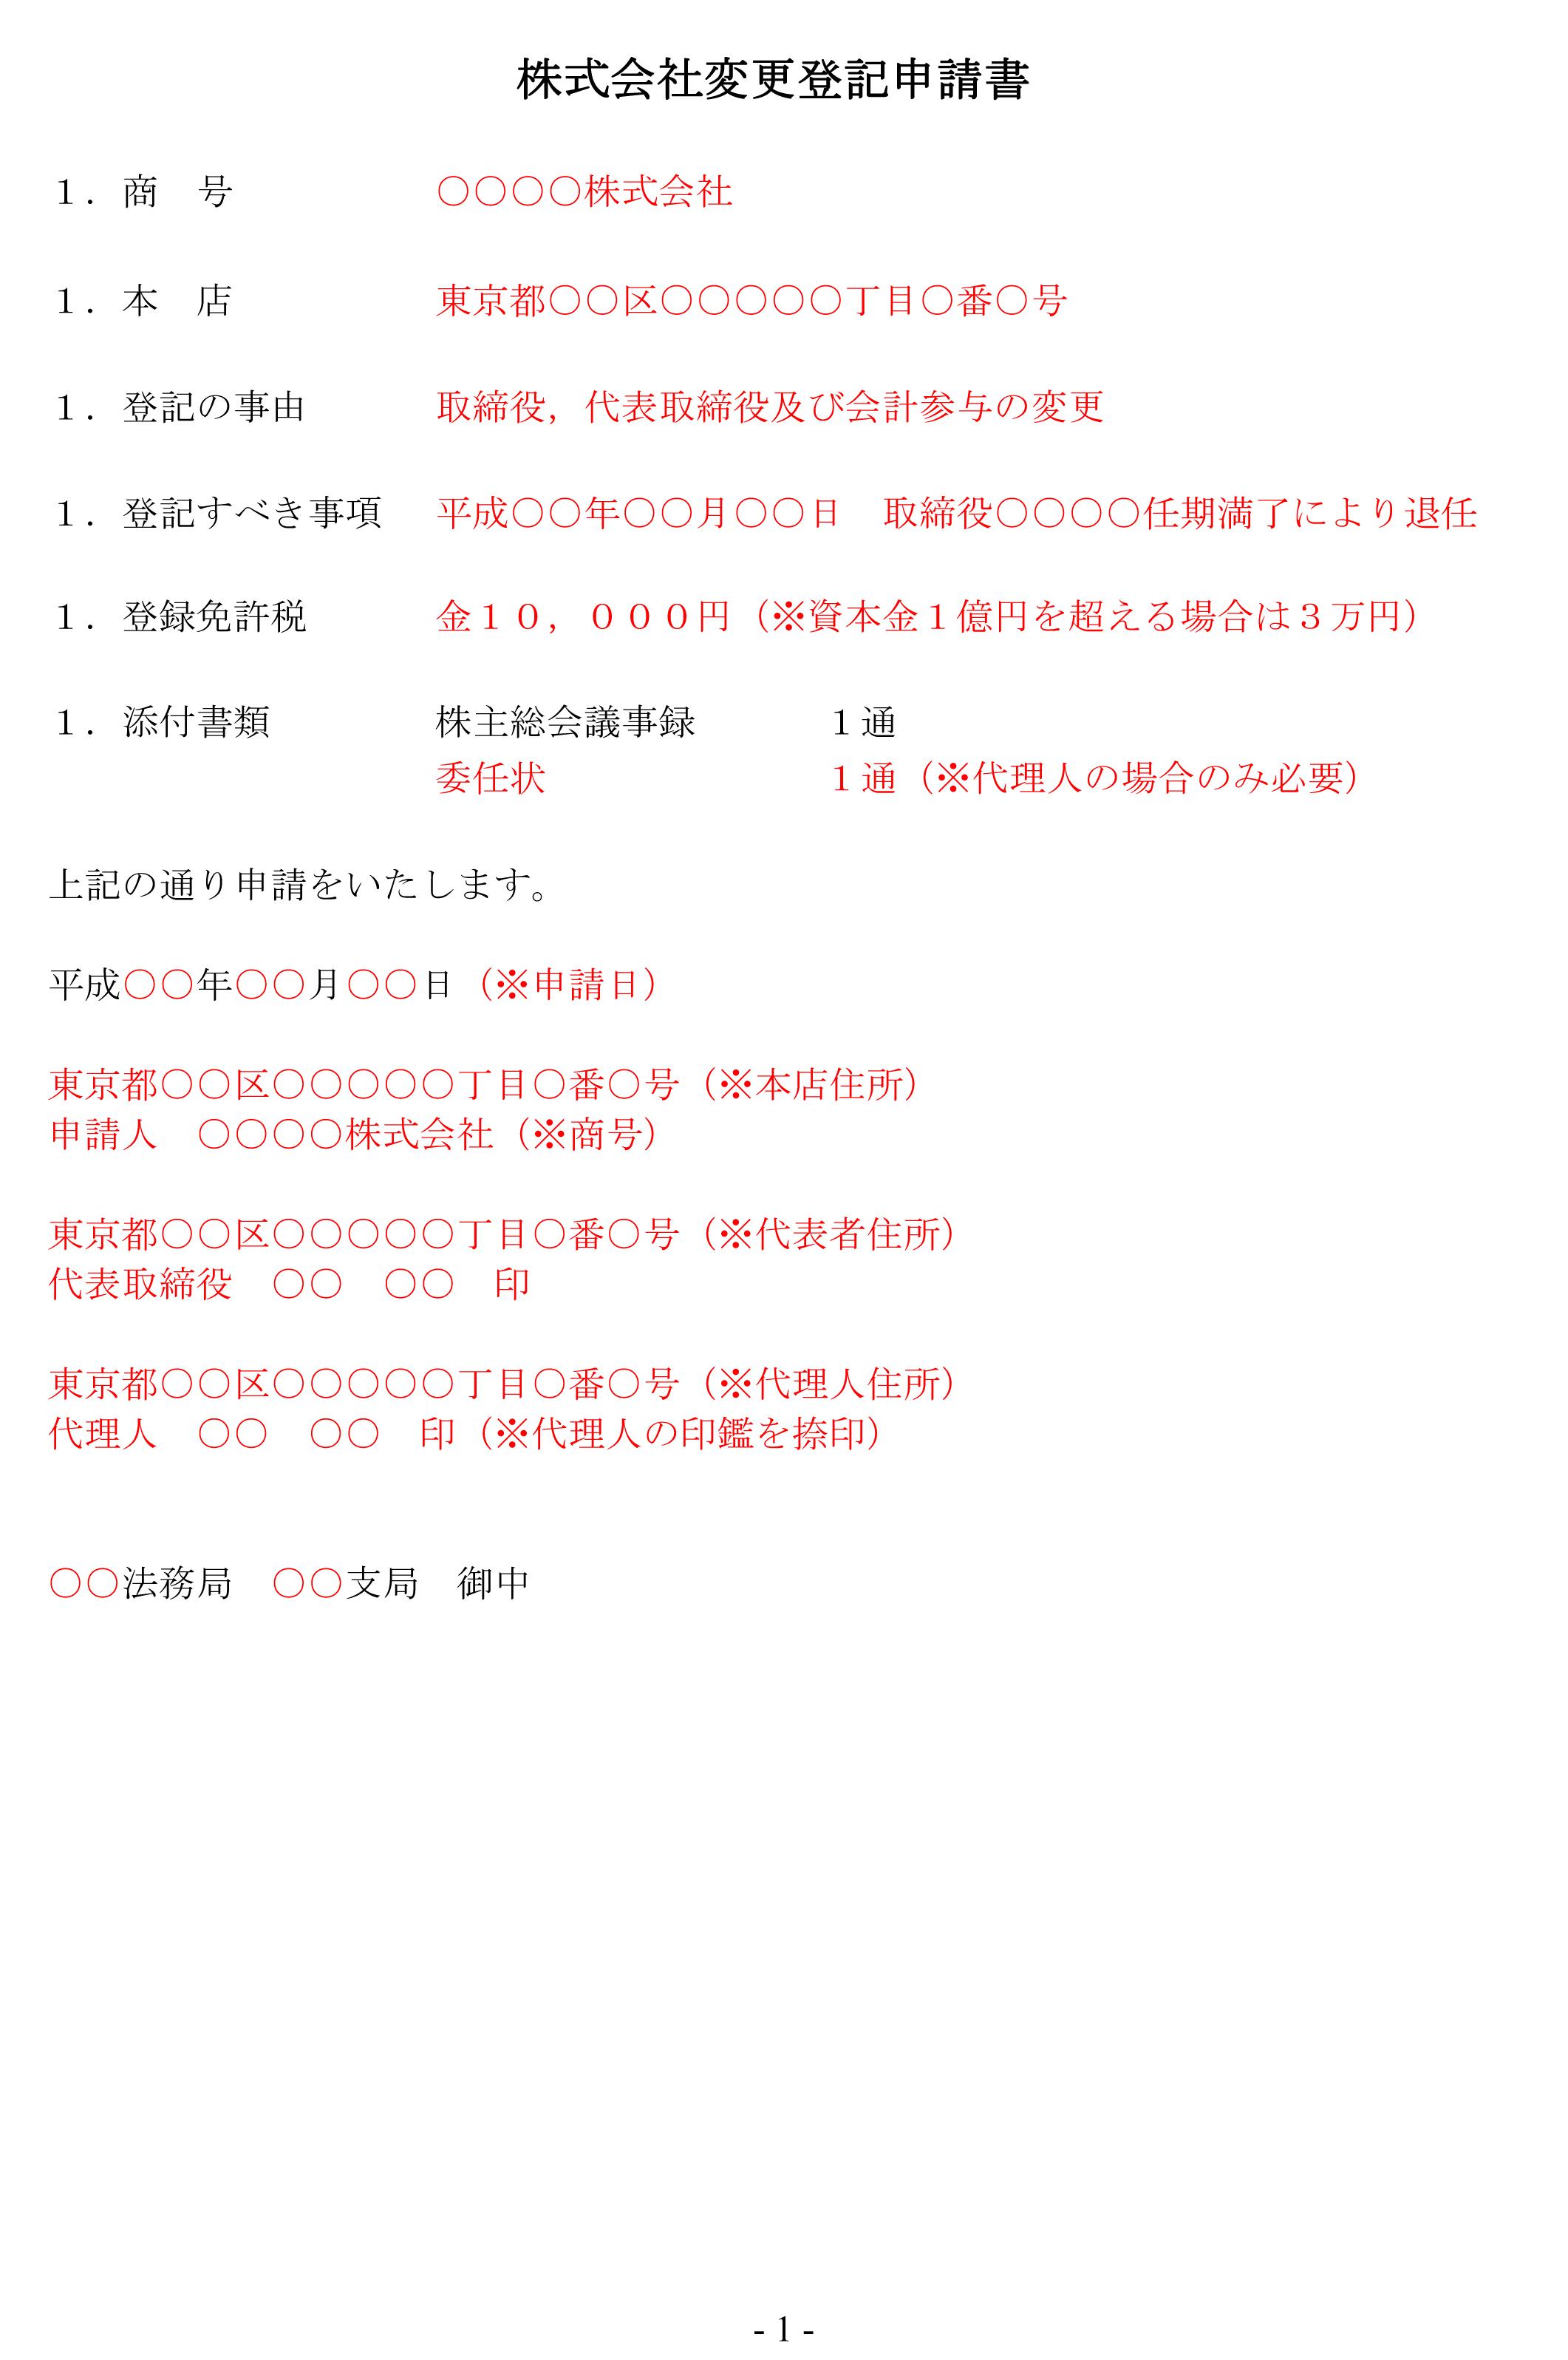 登記申請書(役員任期満了)